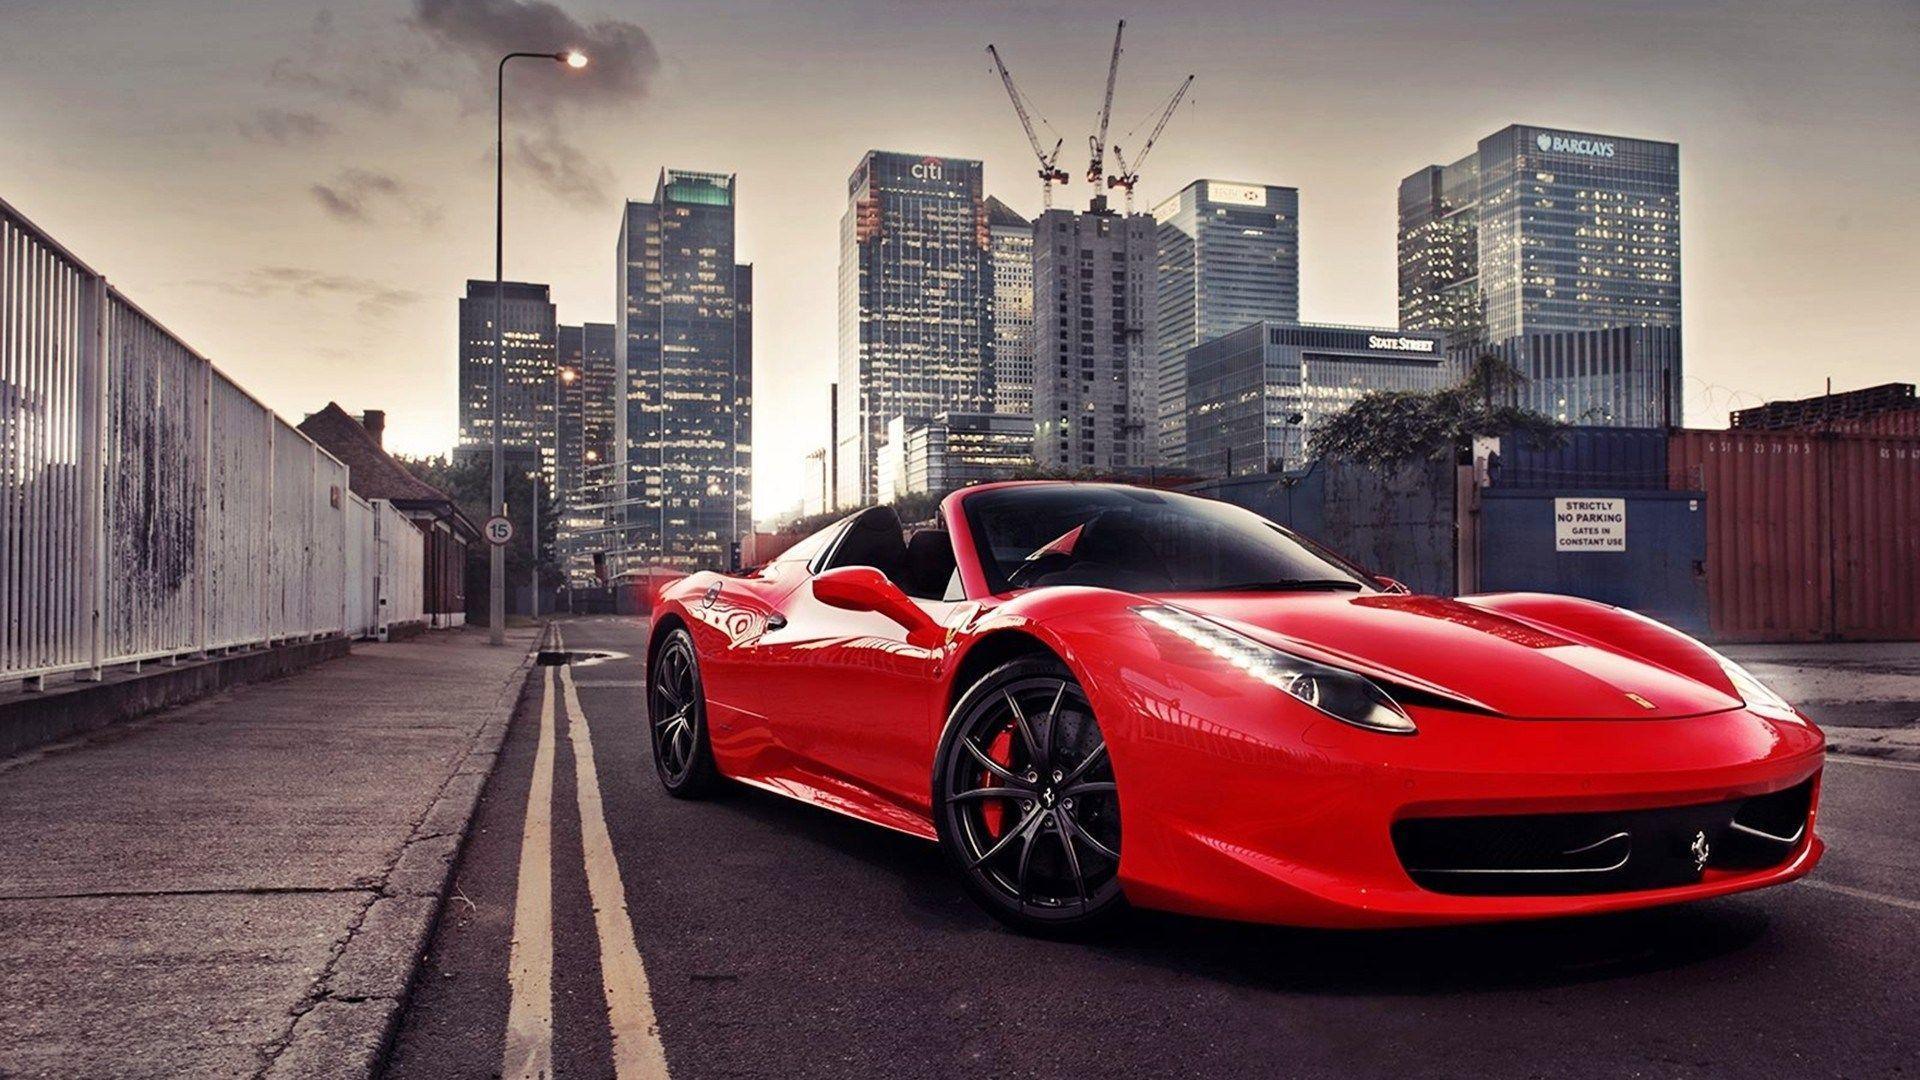 2015 Ferrari 458 Italia Wallpapers Wallpaper Cave